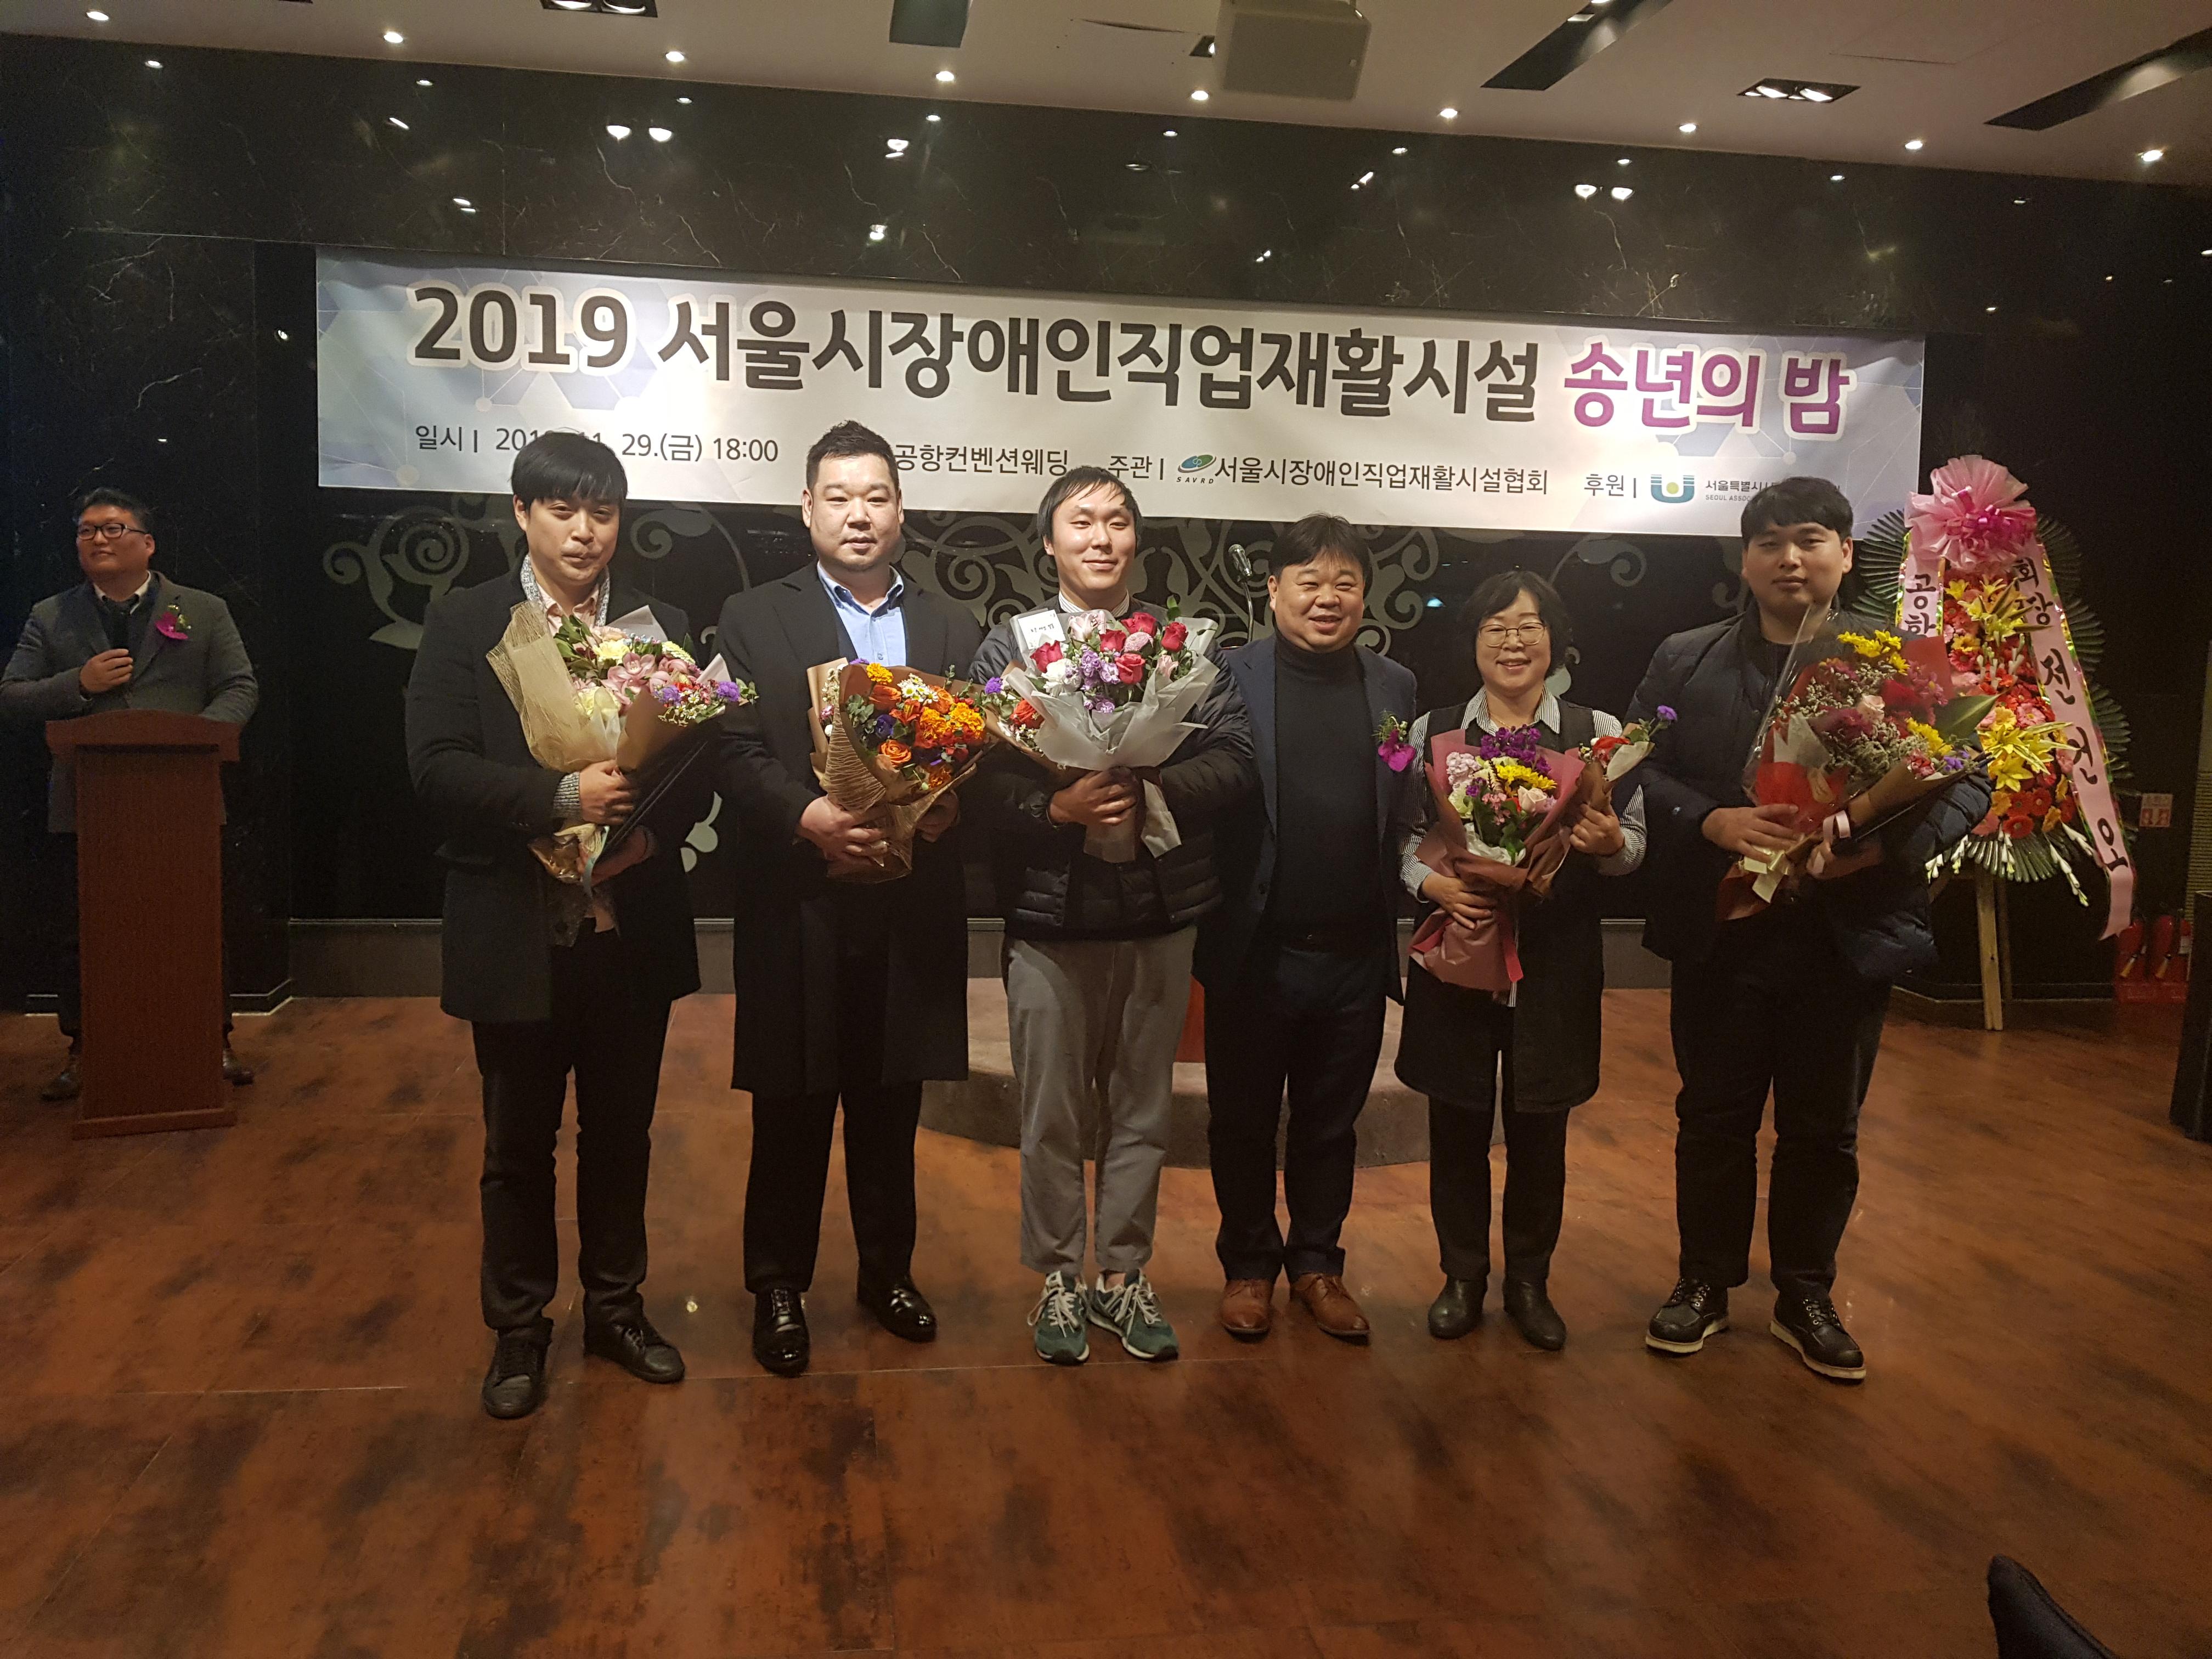 2019 서울시장애인직업재활시설협회장상 수상 썸네일